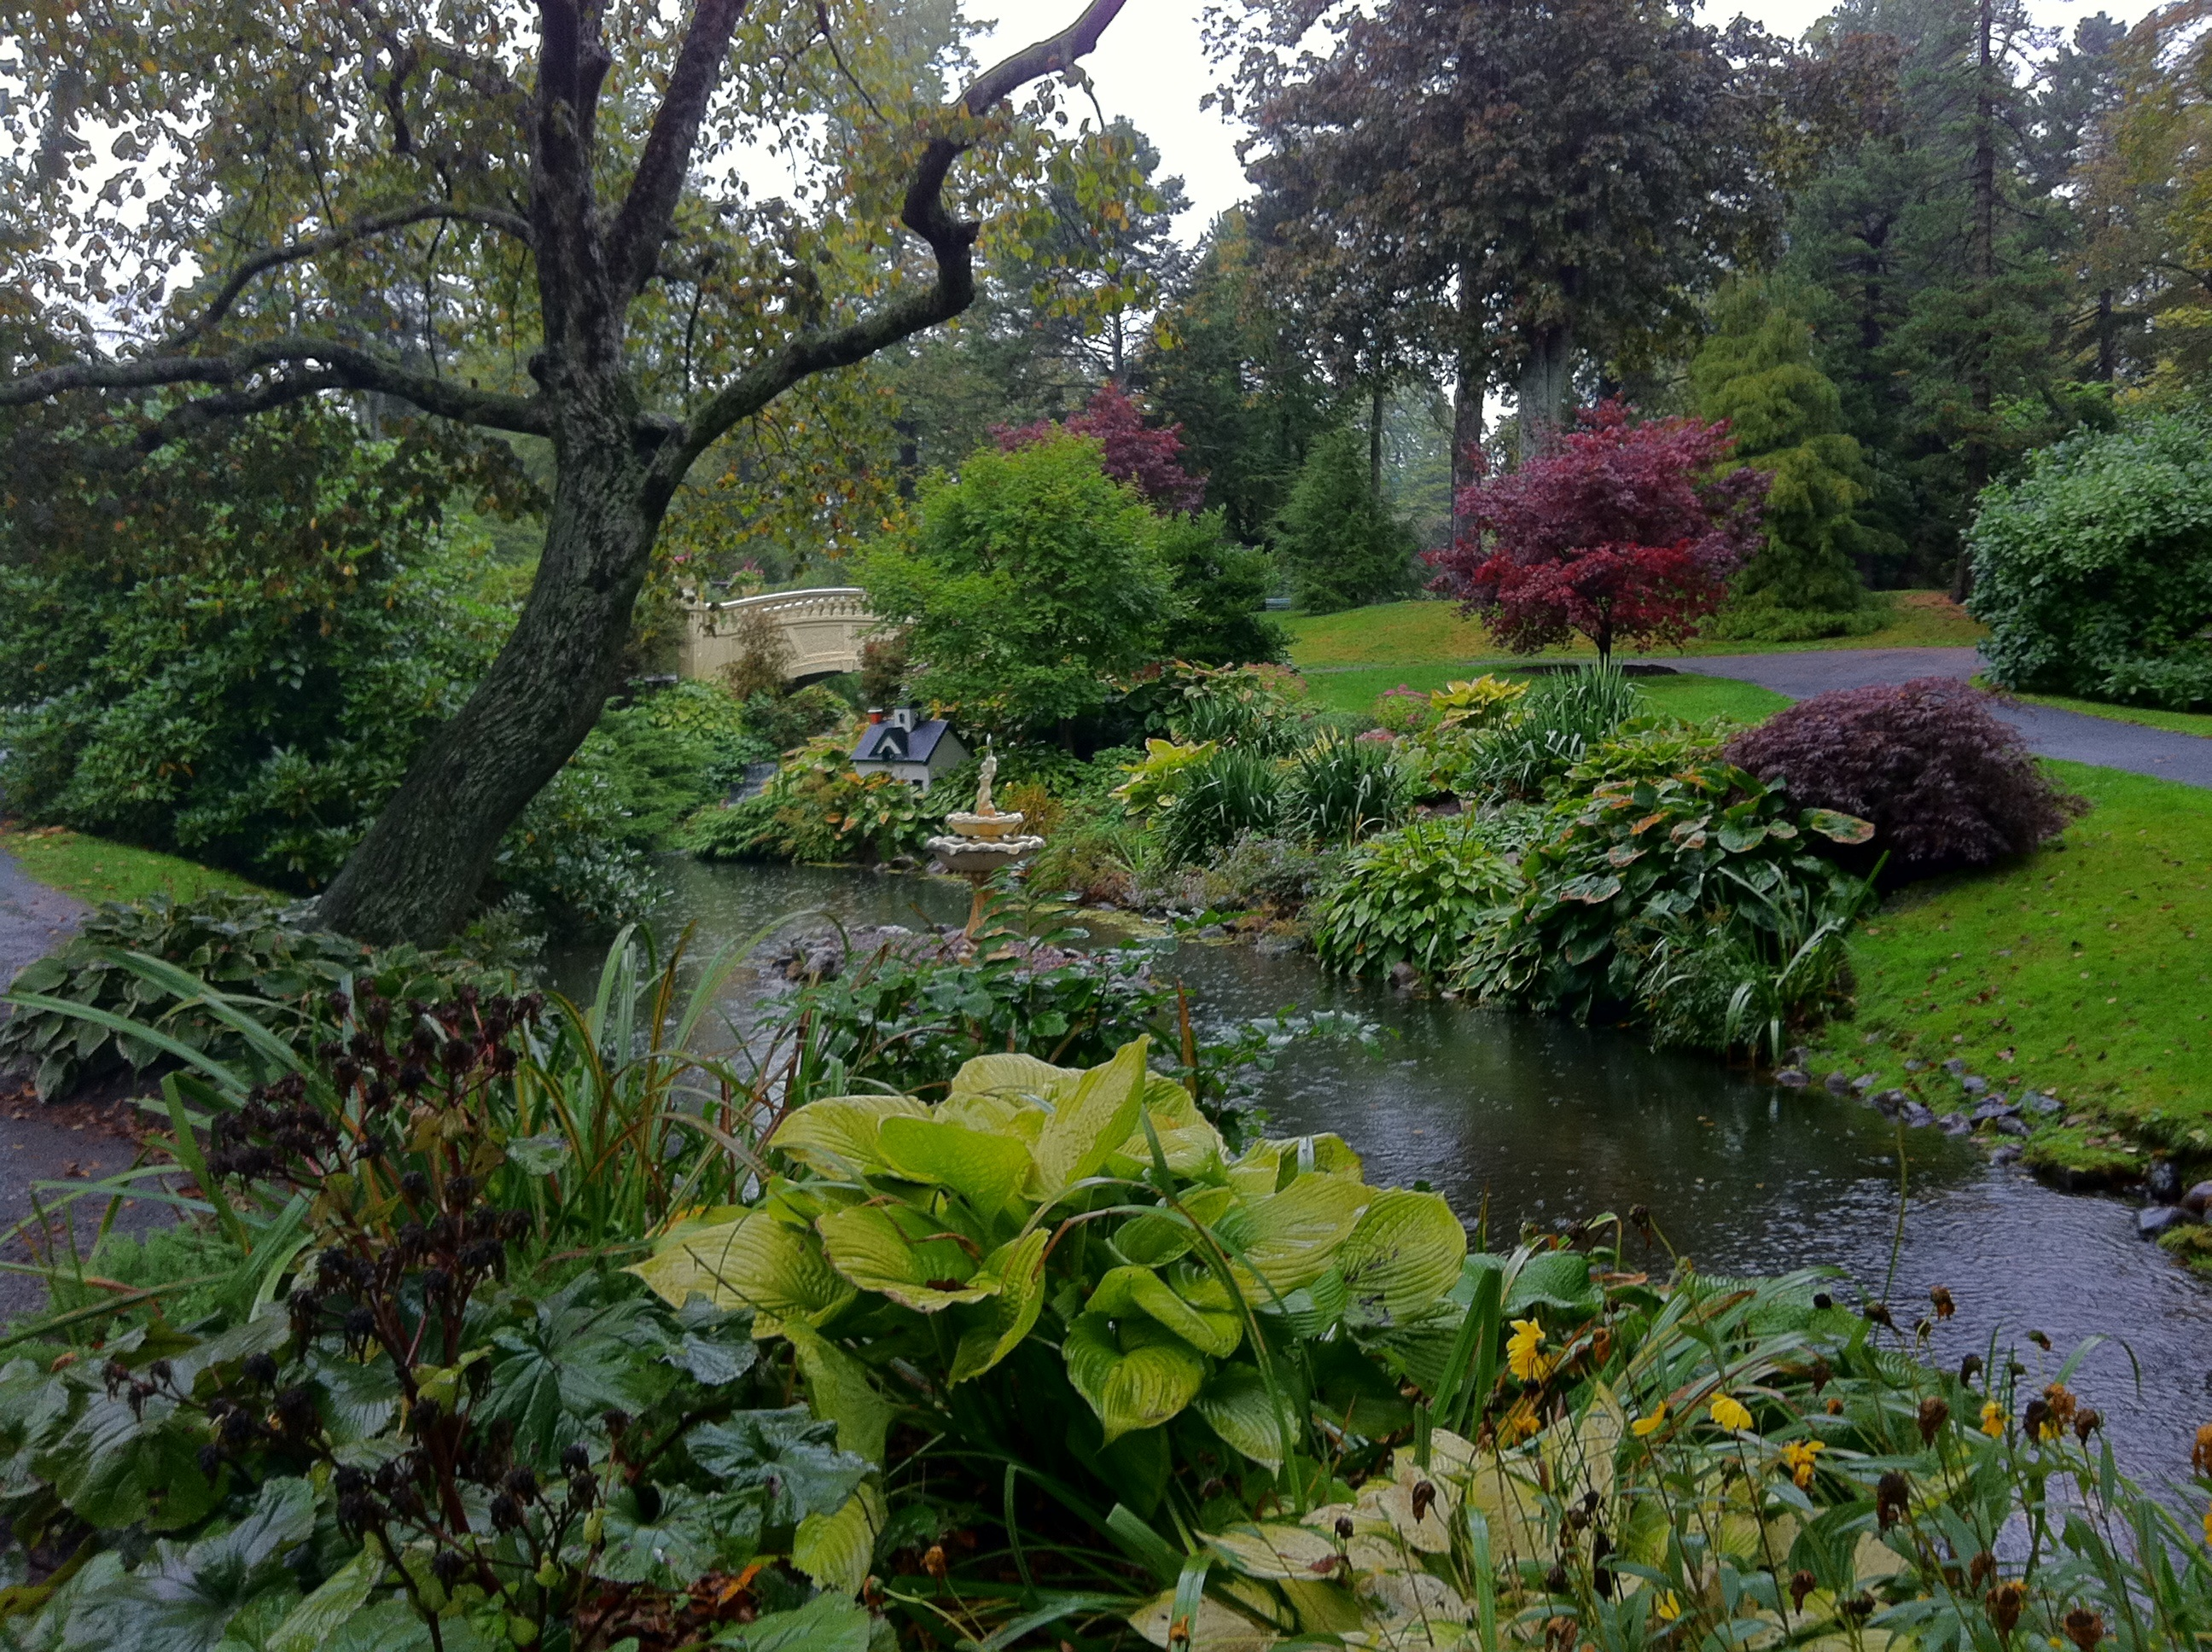 Free Images Botanical Garden Foliage Nature